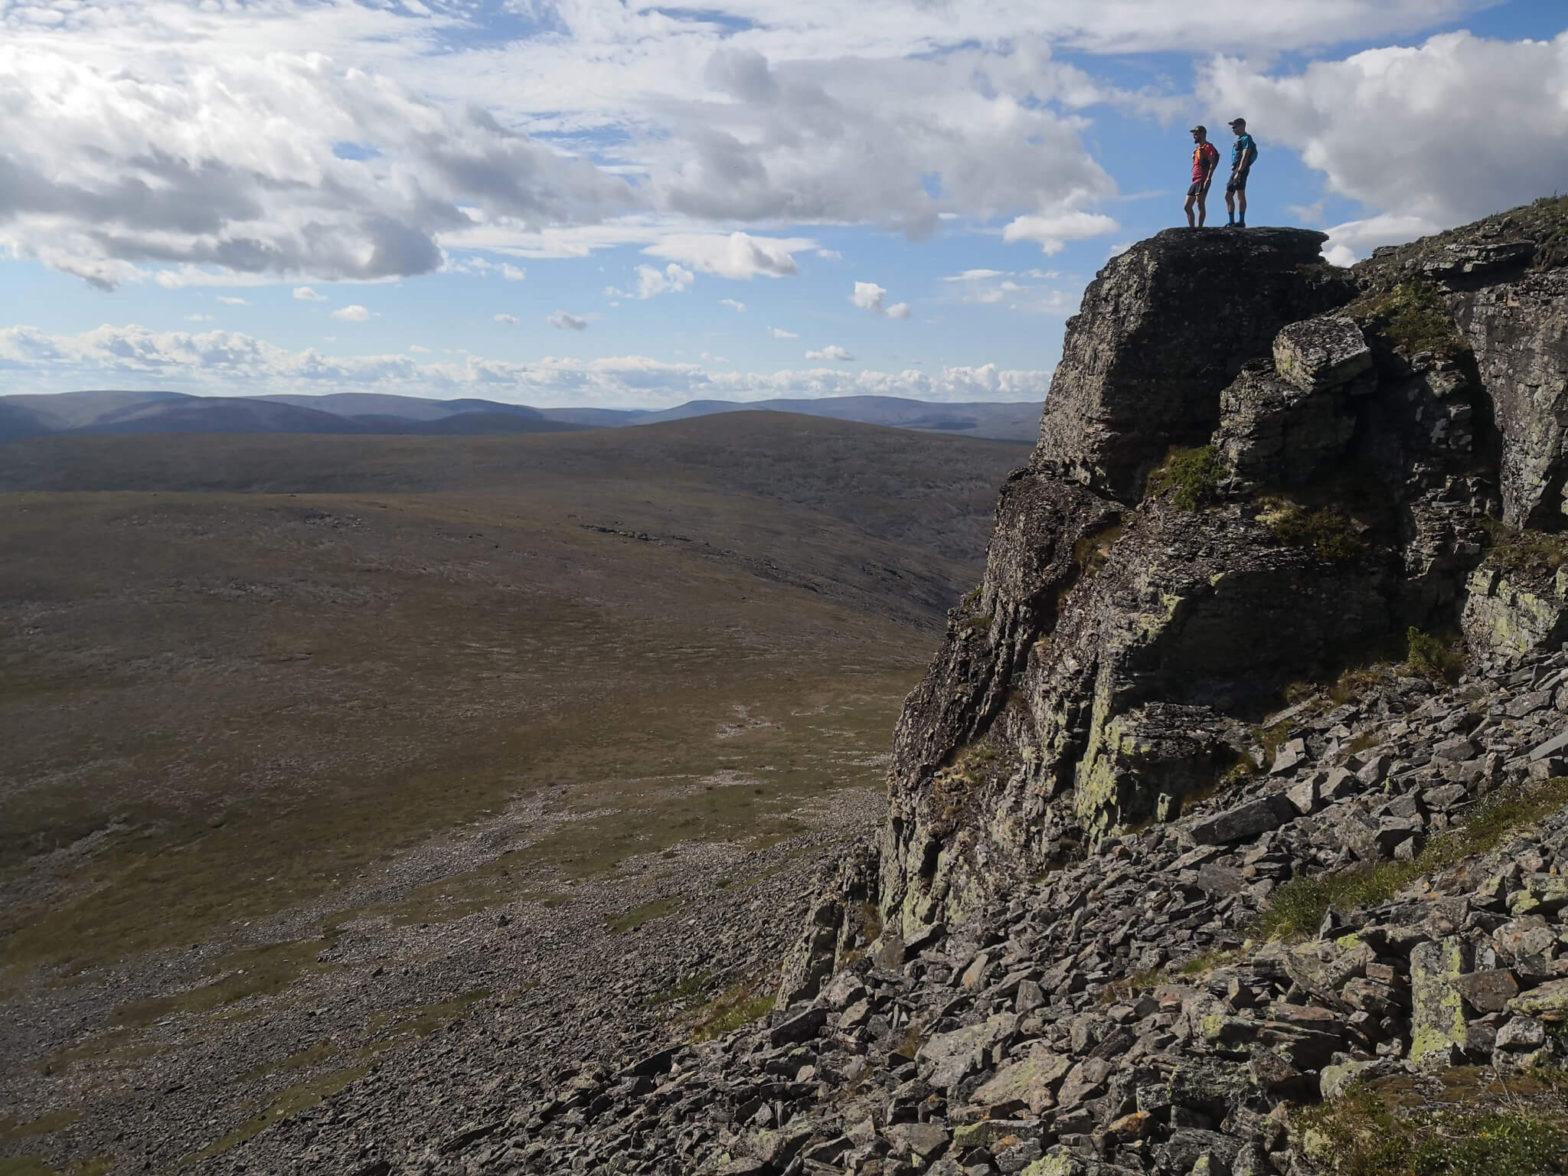 Polkujuoksuvaellus, Urho Kekkosen kansallispuisto